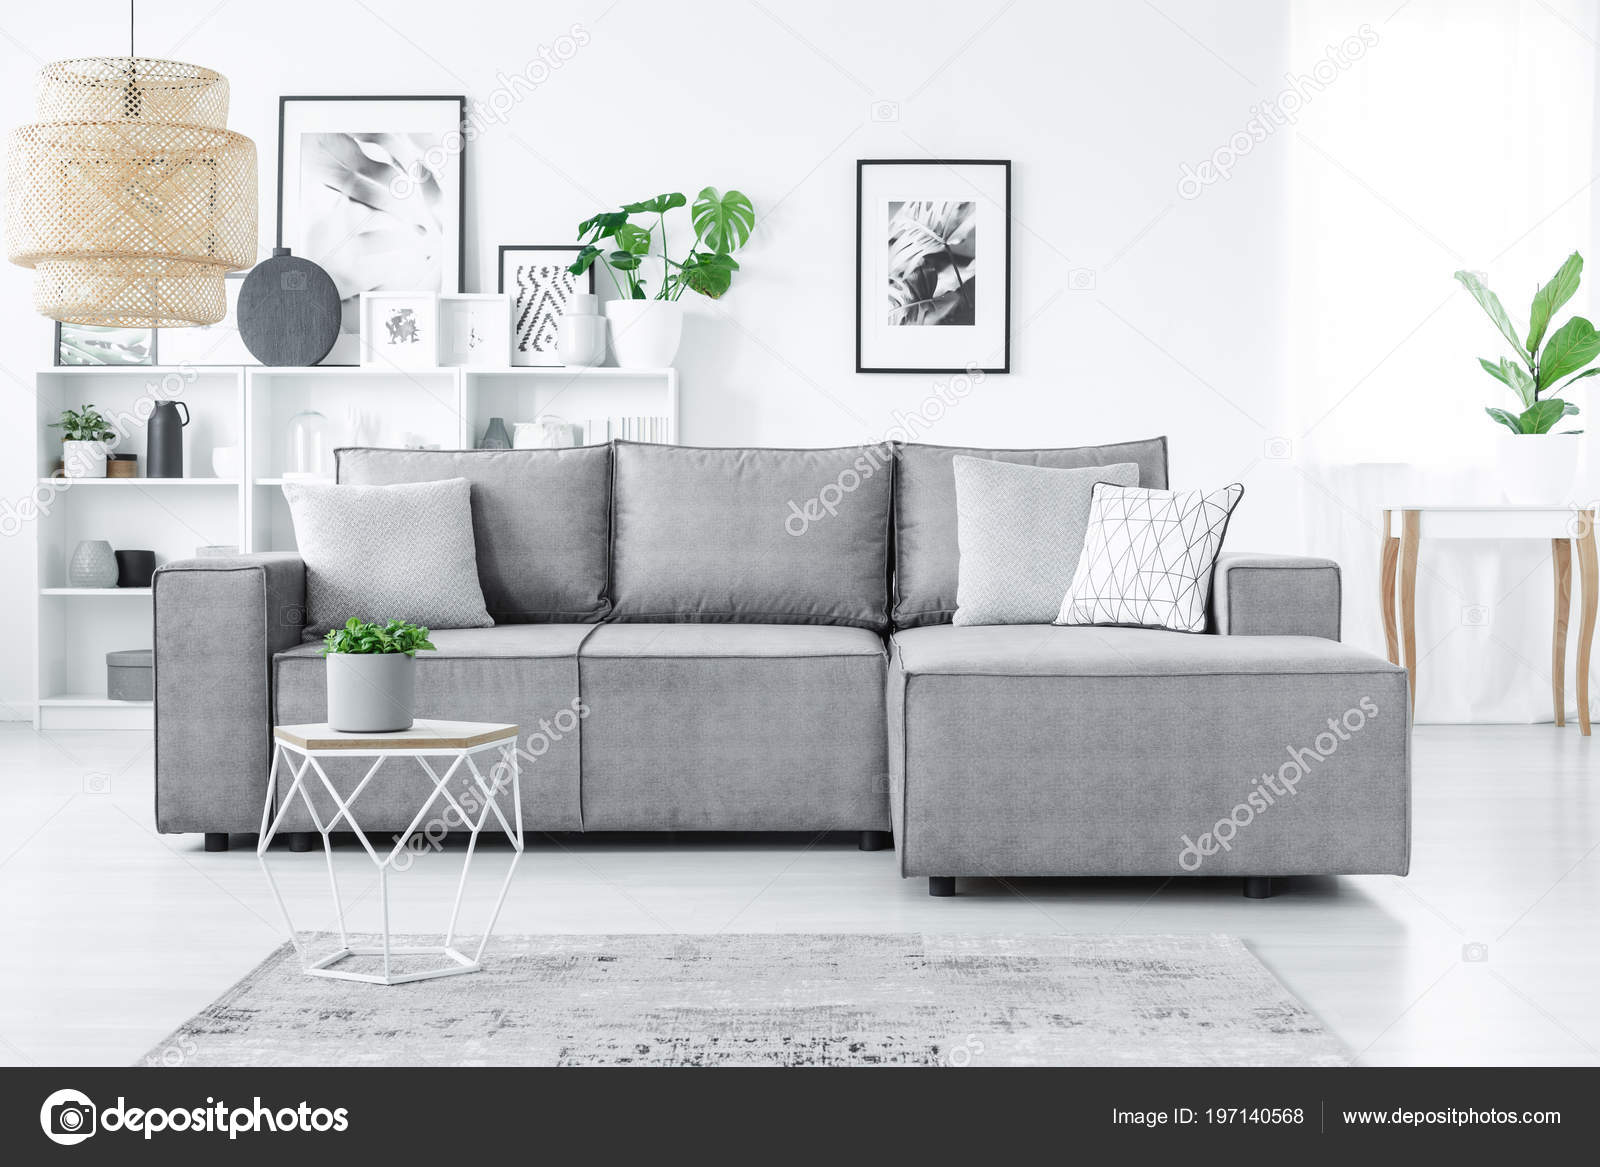 Big Corner Sofa Pillows White Shelves Plants Modern Living Room ...